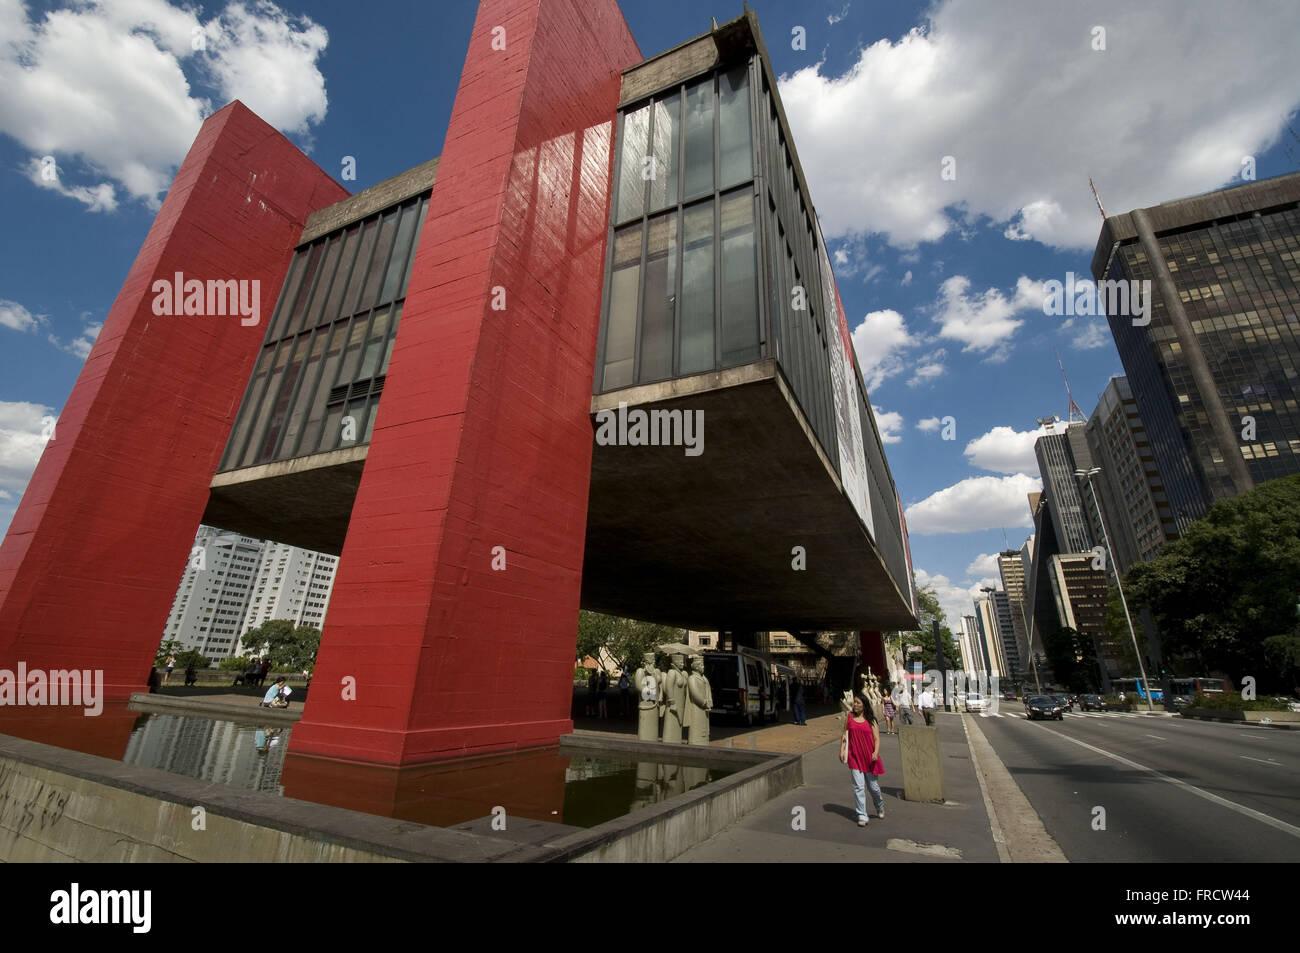 MASP - Museu de Arte de Sao Paulo - Assis Chateaubriand Immagini Stock